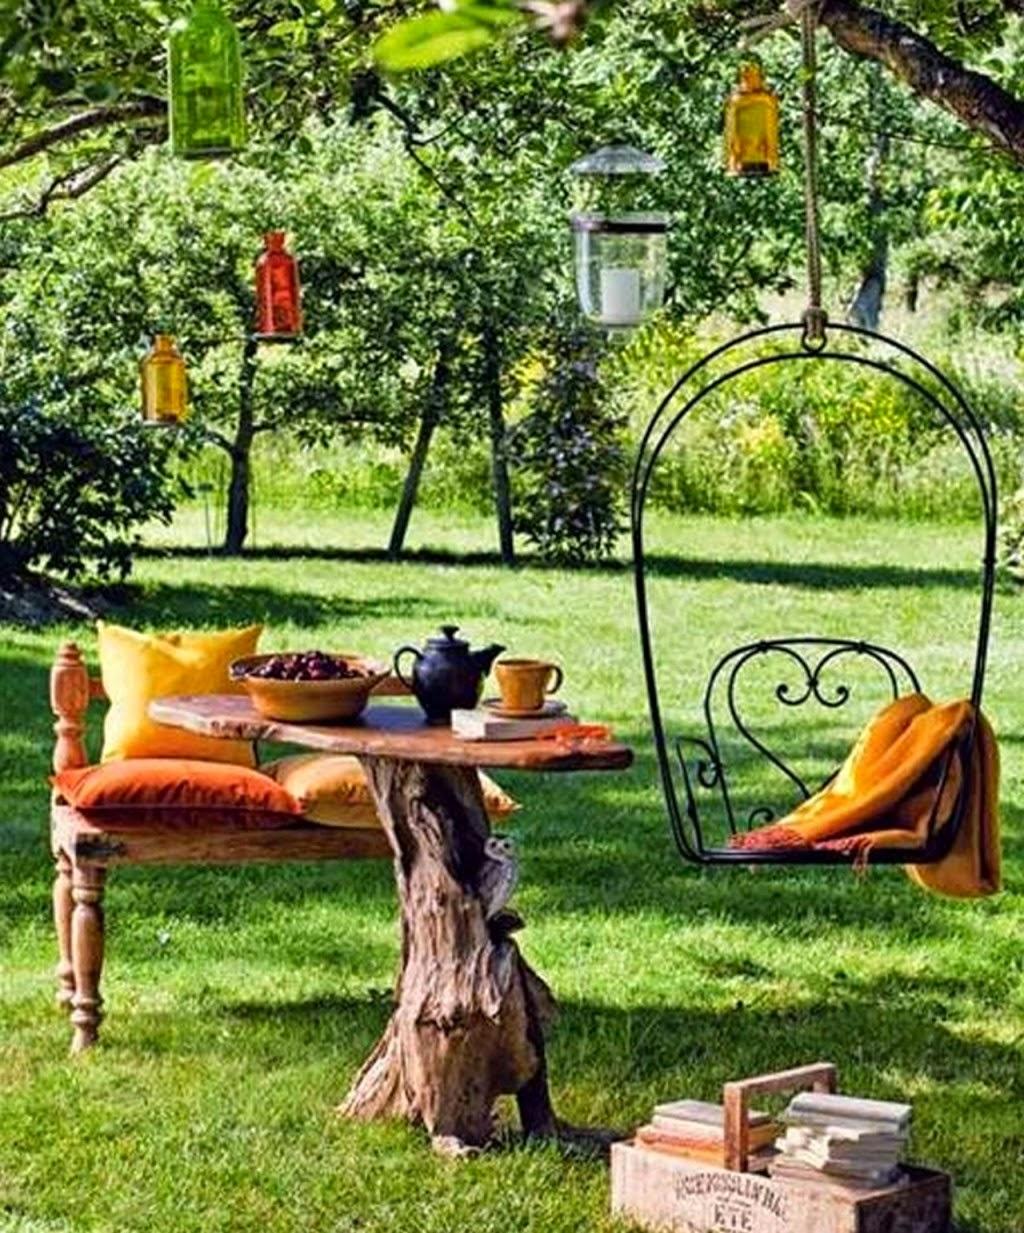 Swing Chair Sri Lanka Covers And Sashes For Sale Hagen I Skogen Idyll Rom Til Inspirasjon